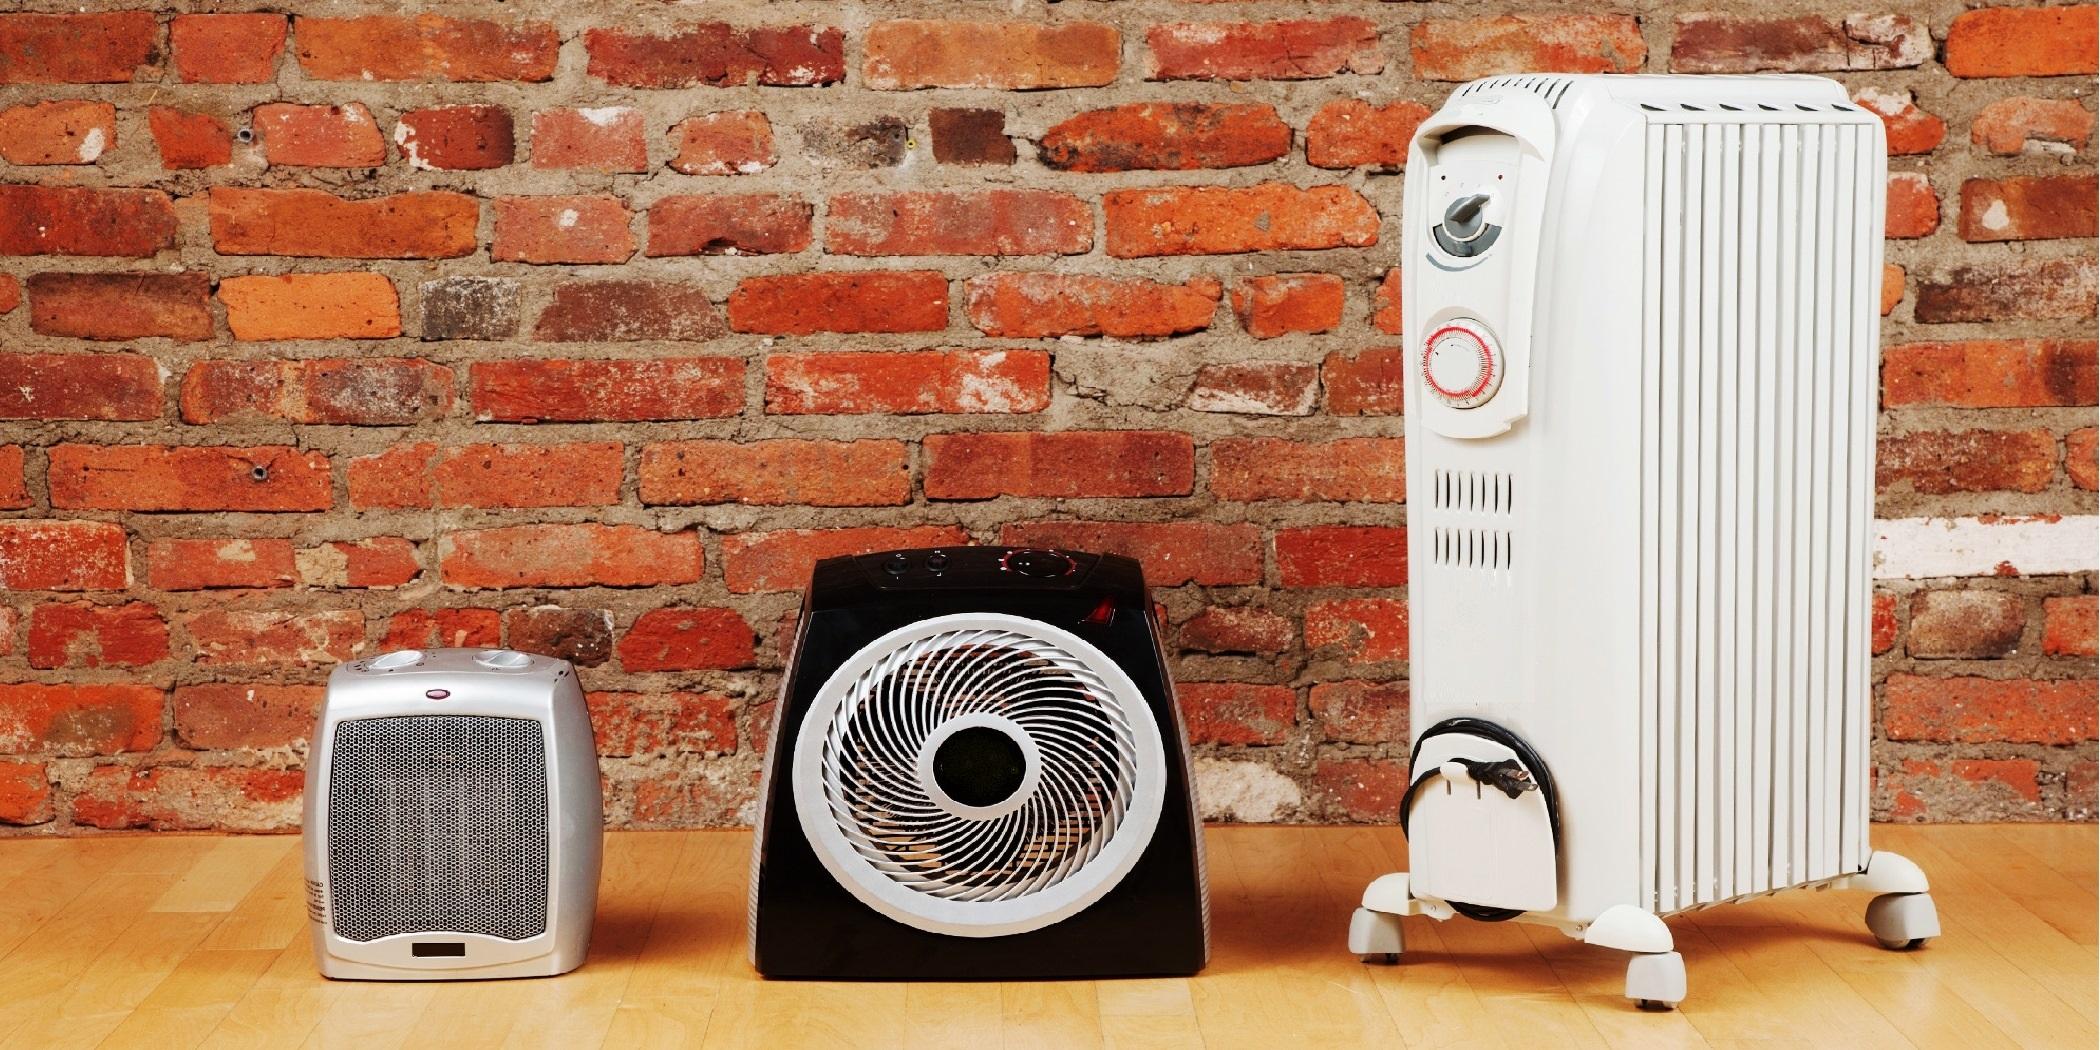 Как выбрать тепловентилятор: какой лучше и почему - точка j